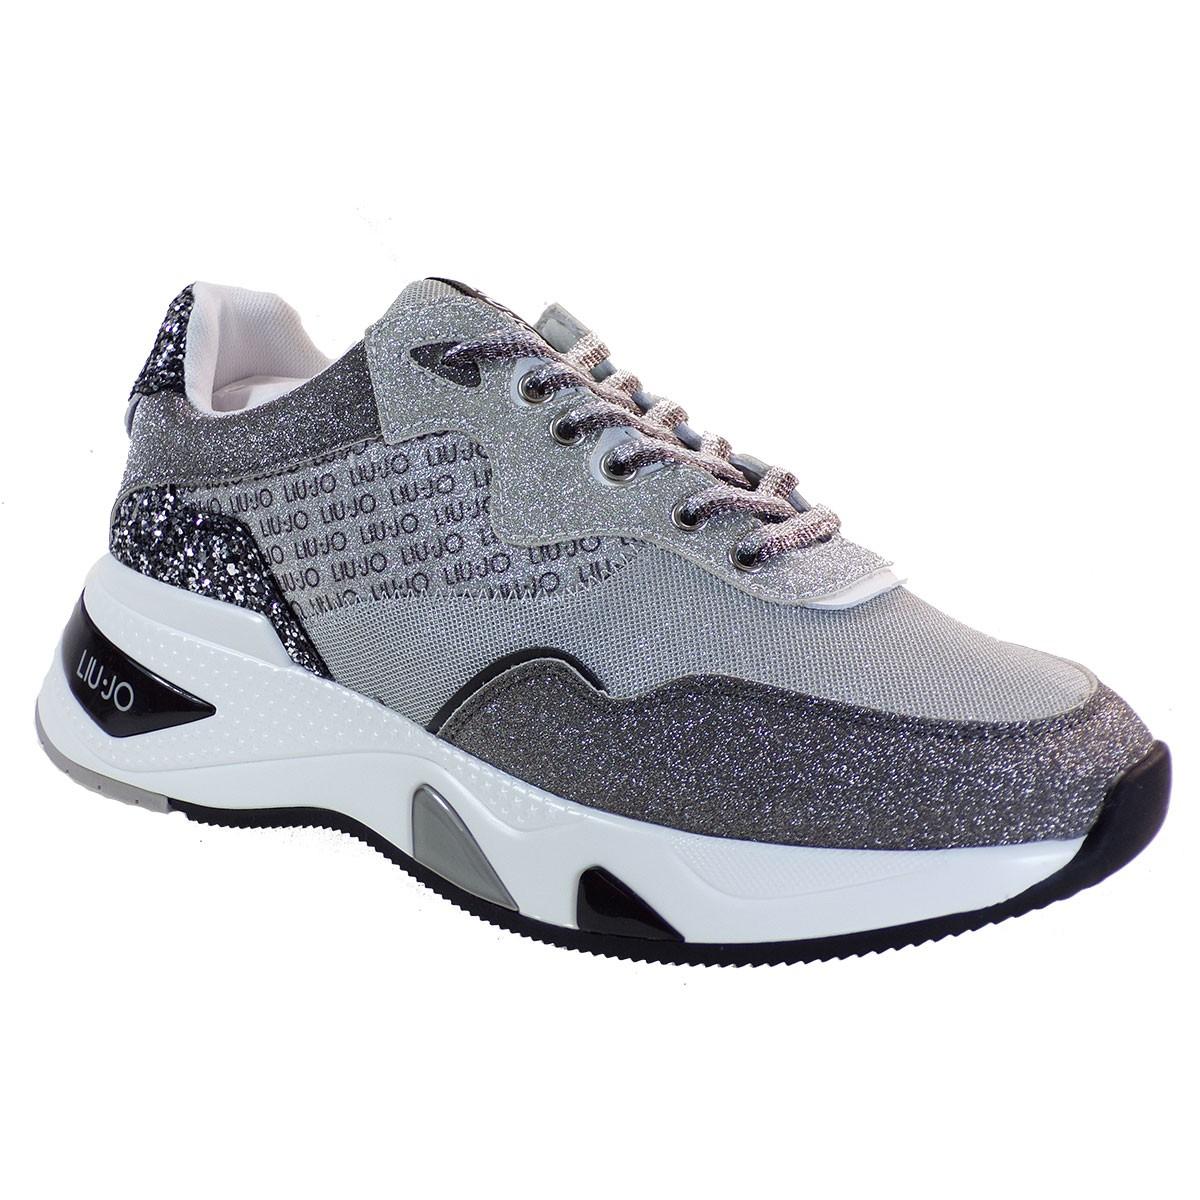 Liu-Jo Sneakers Παπούτσια Γυναικεία HOA-1 BΑ1037 Μαύρο-Ασημί Glitter